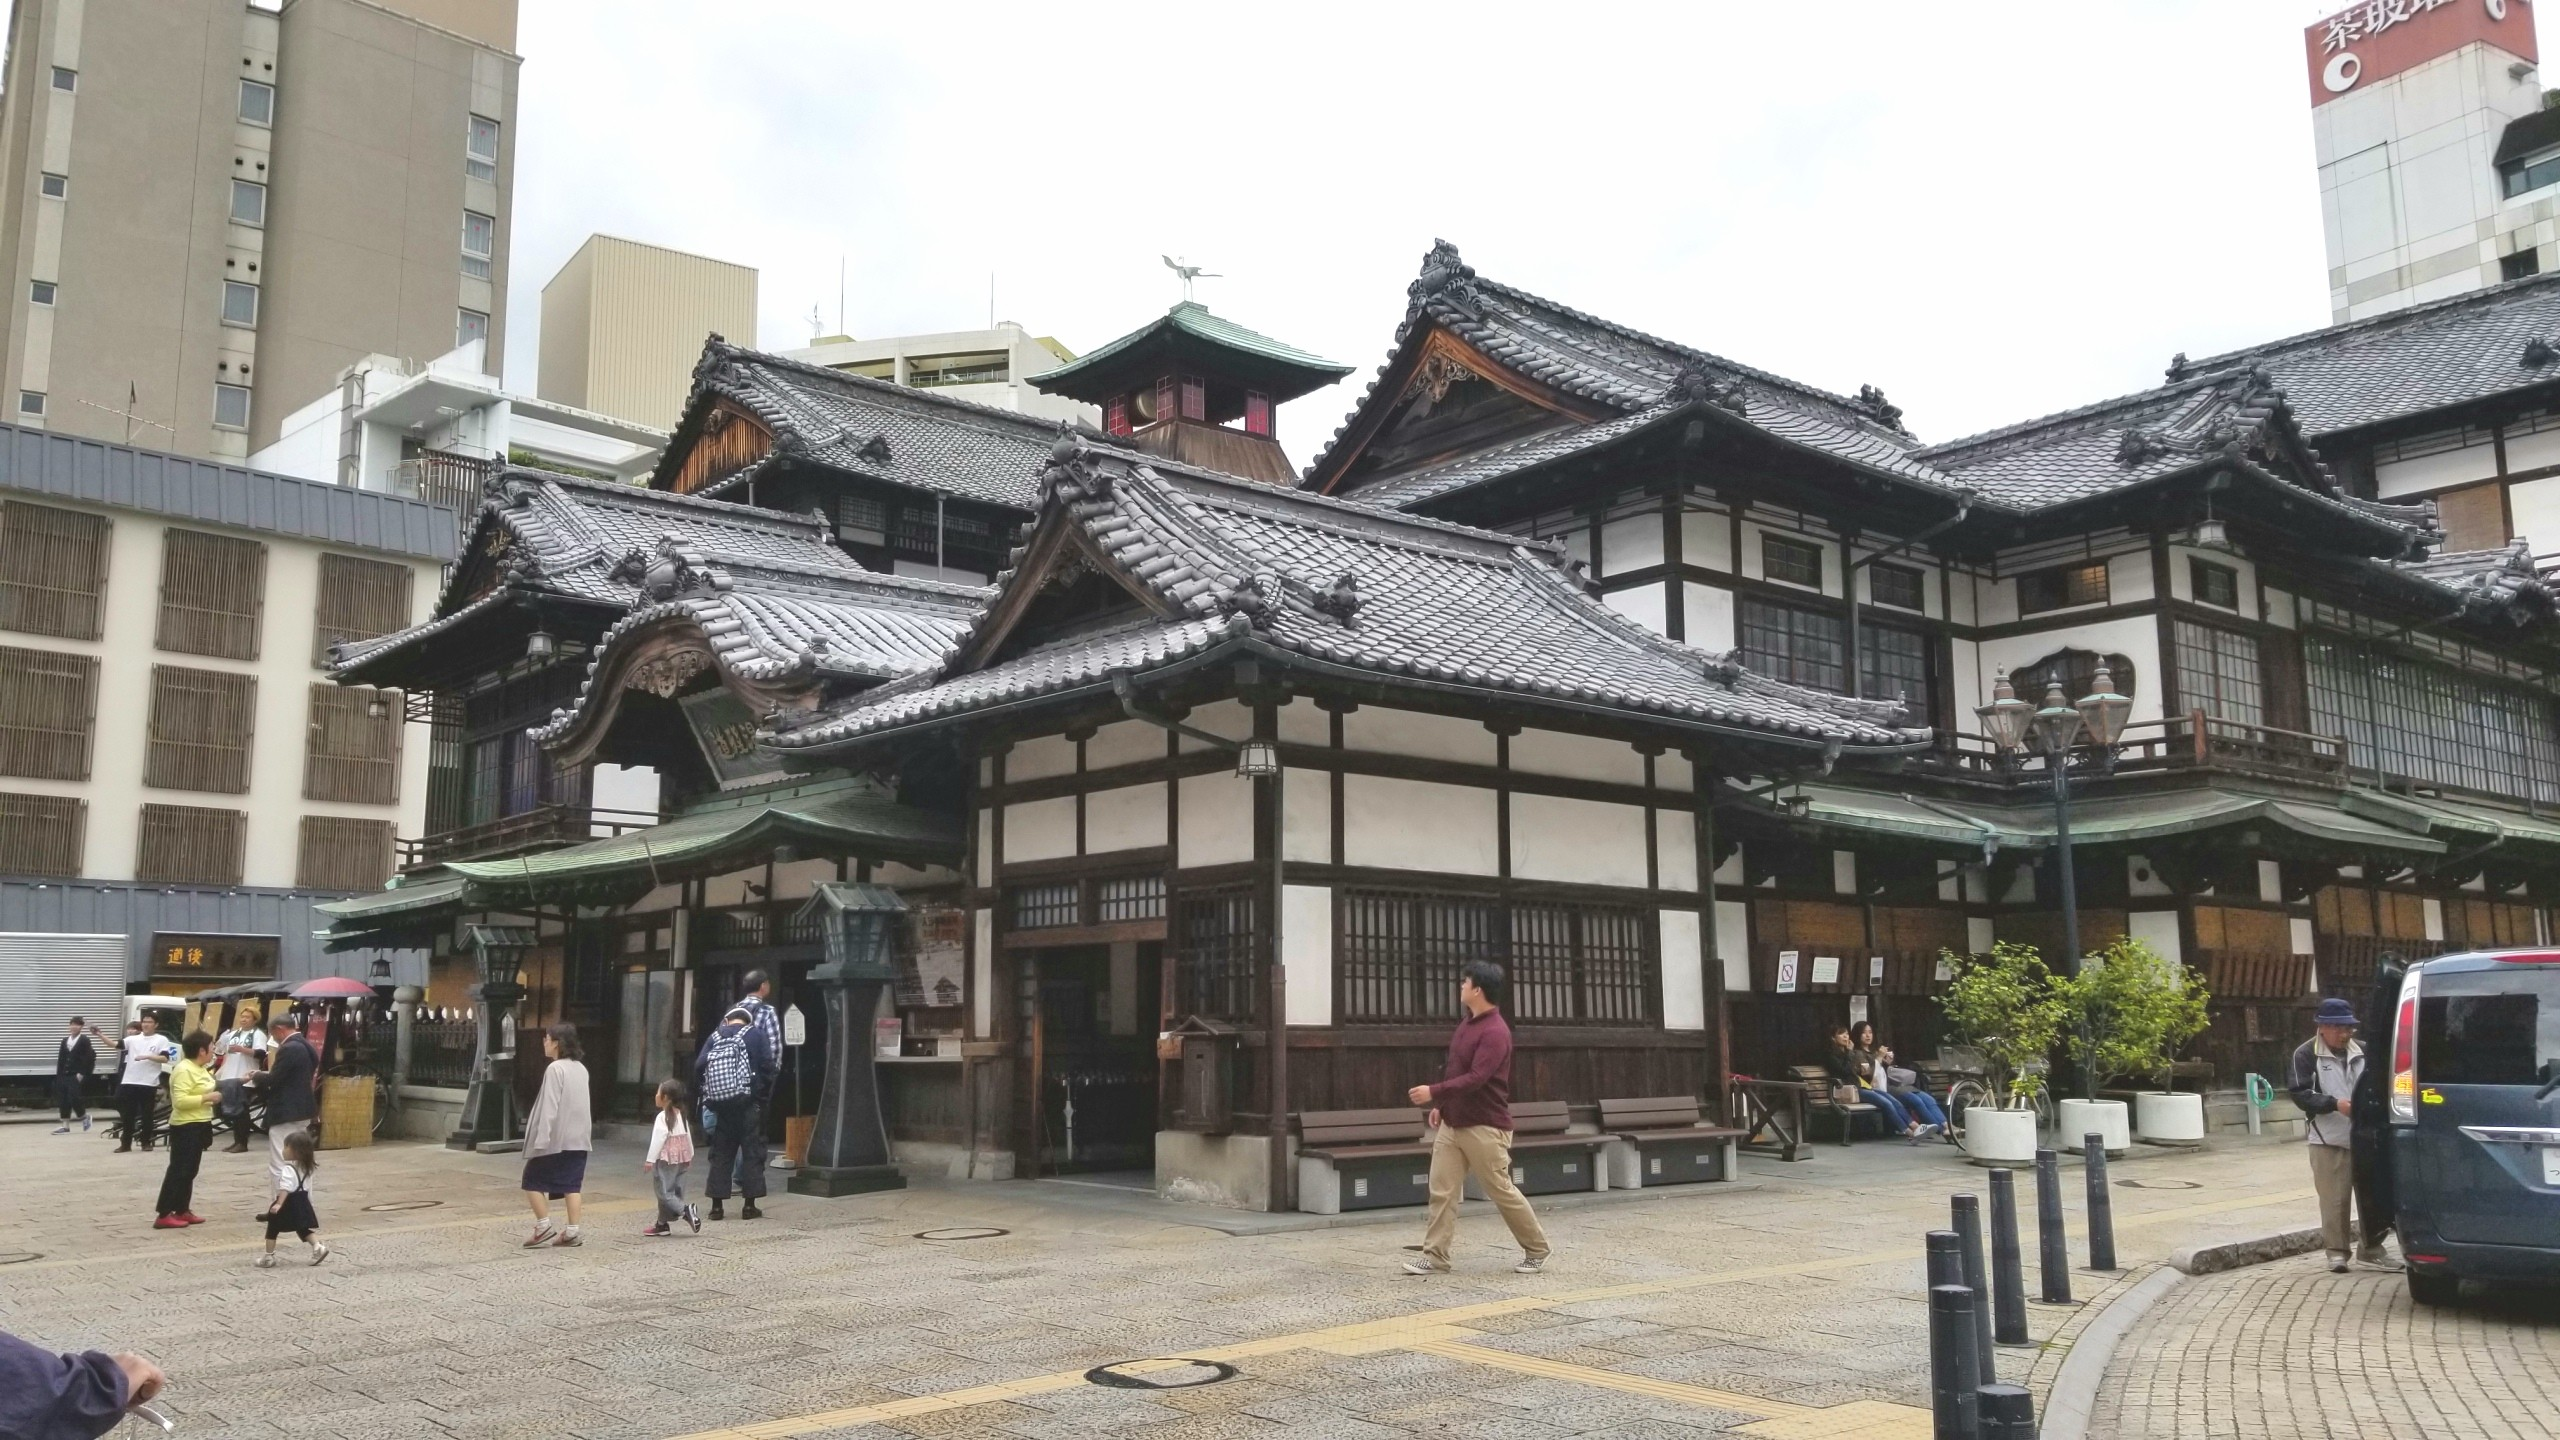 愛媛県,道後温泉本館,旅行,観光名所,散策,散歩,町並み,古い建物